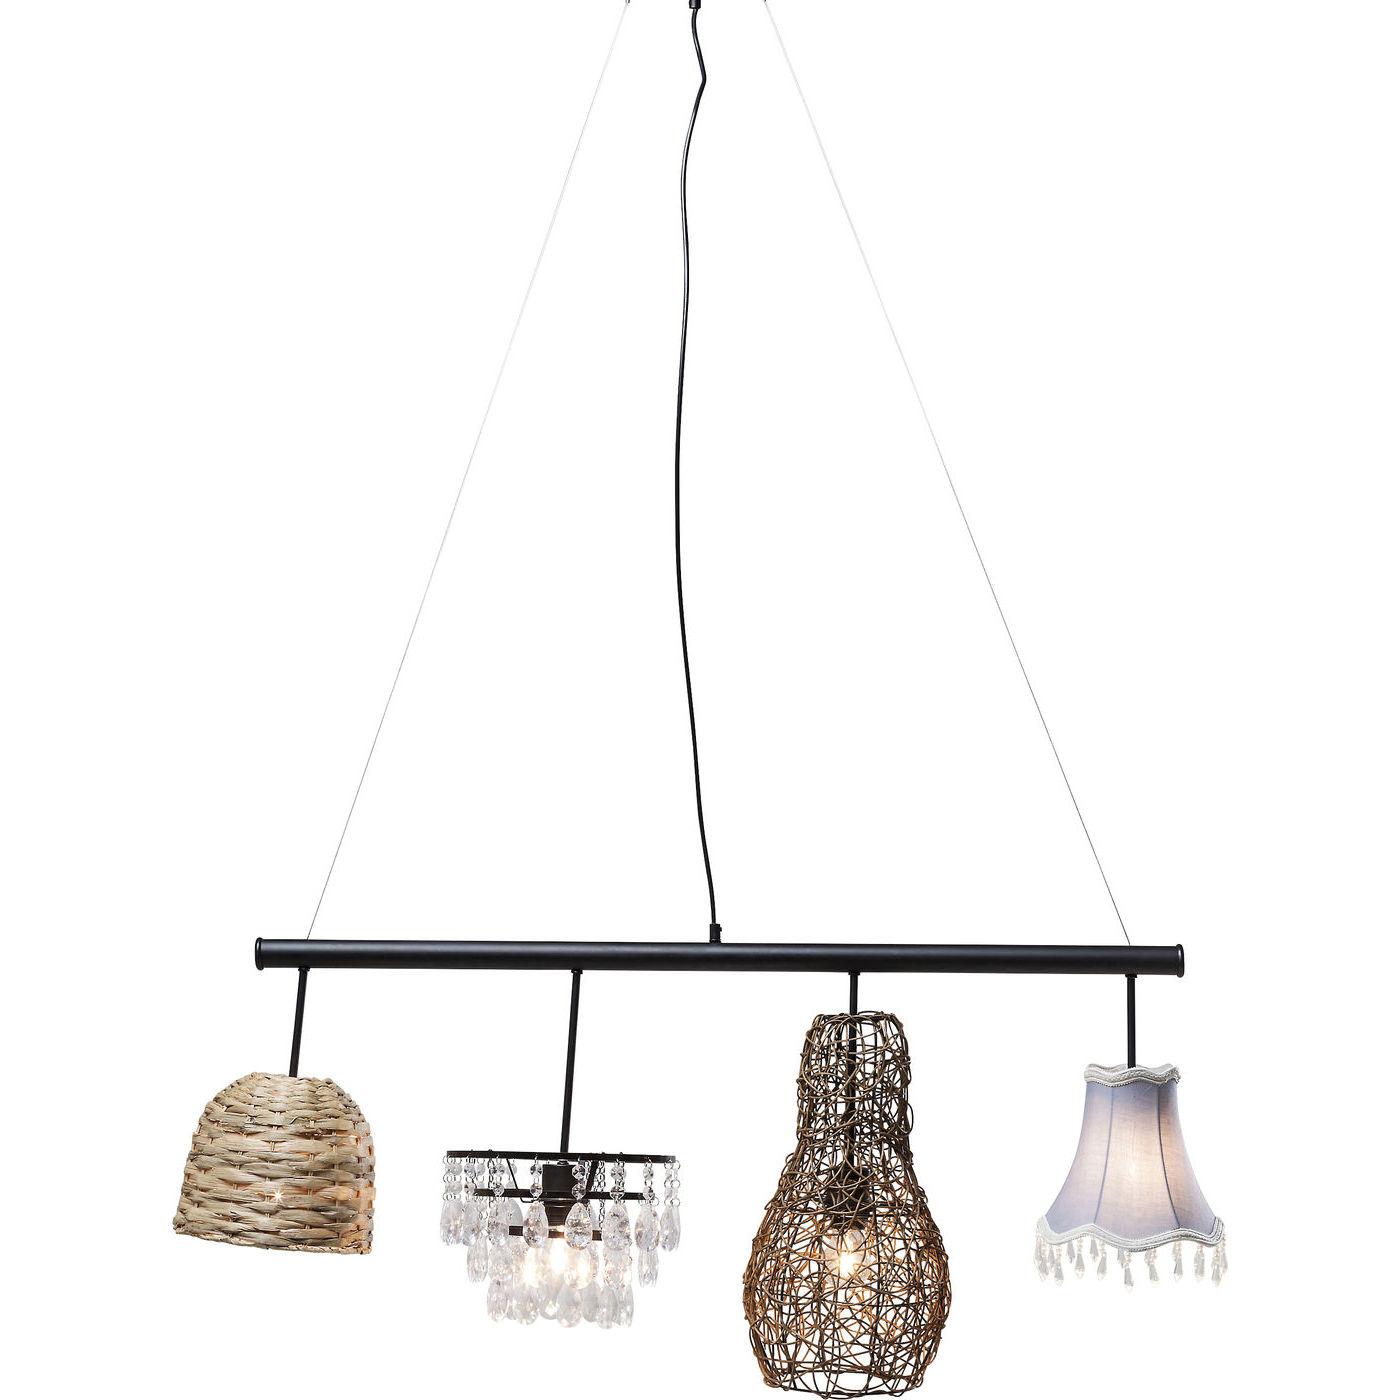 Billede af Kare Design Loftslampe, Parecchi Art House